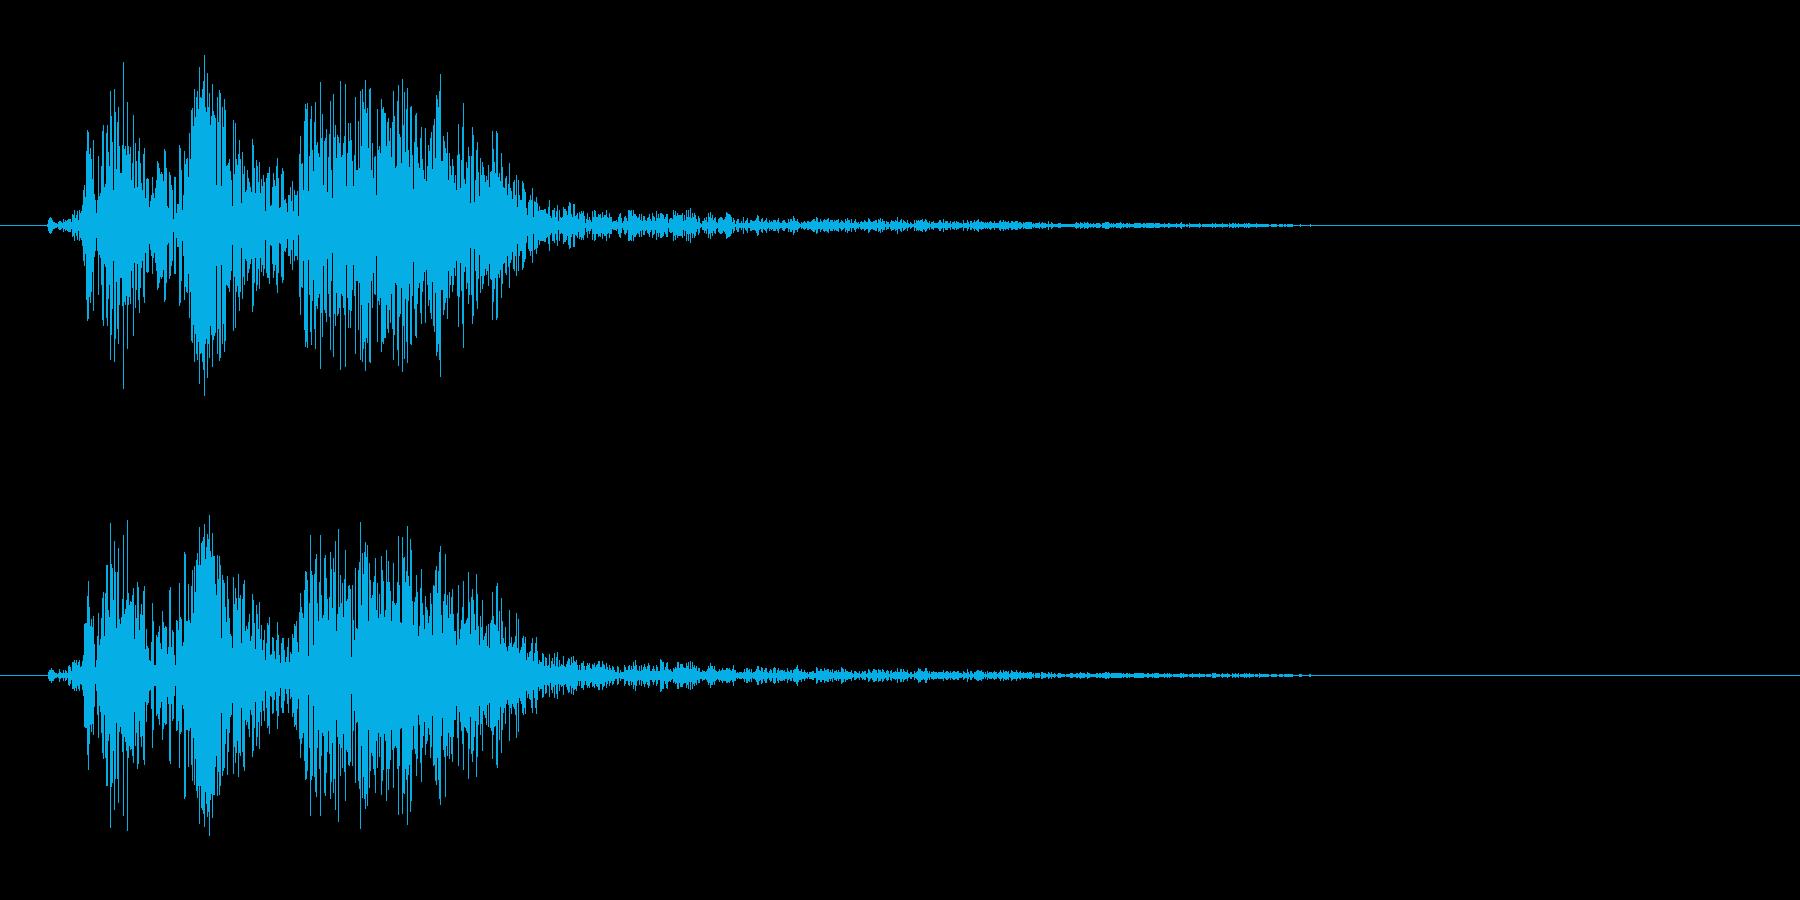 シュンという高い音の効果音の再生済みの波形